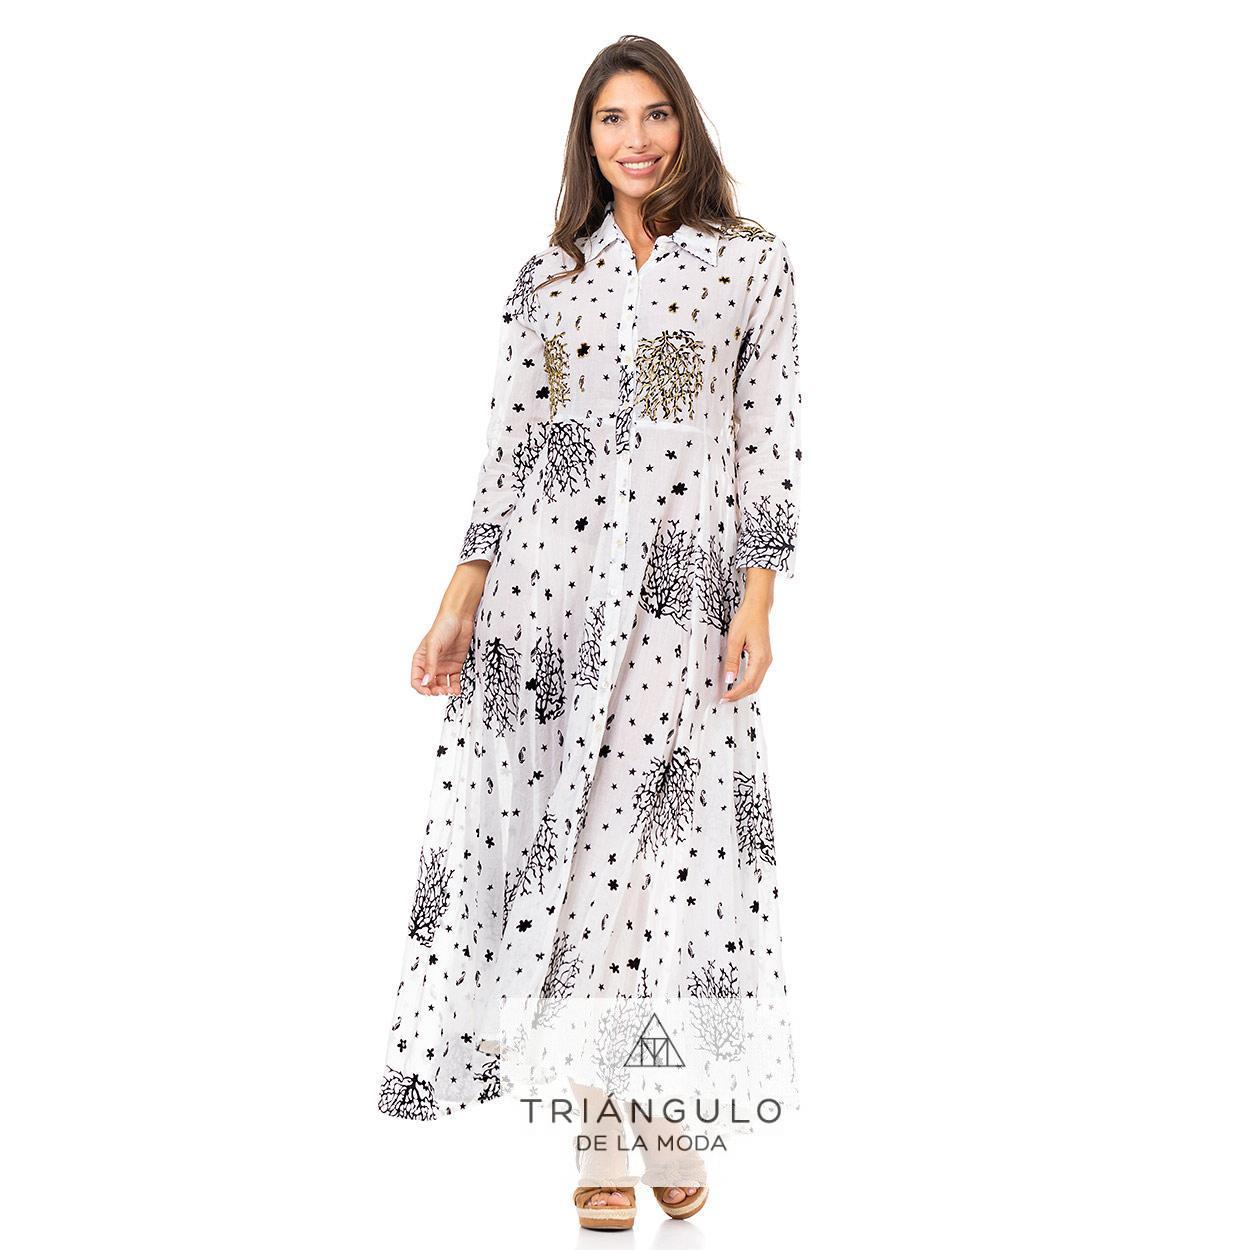 Tienda online del Triangulo de la Moda VESTIDO LARGO BOHO BORDADO ARRECIFES